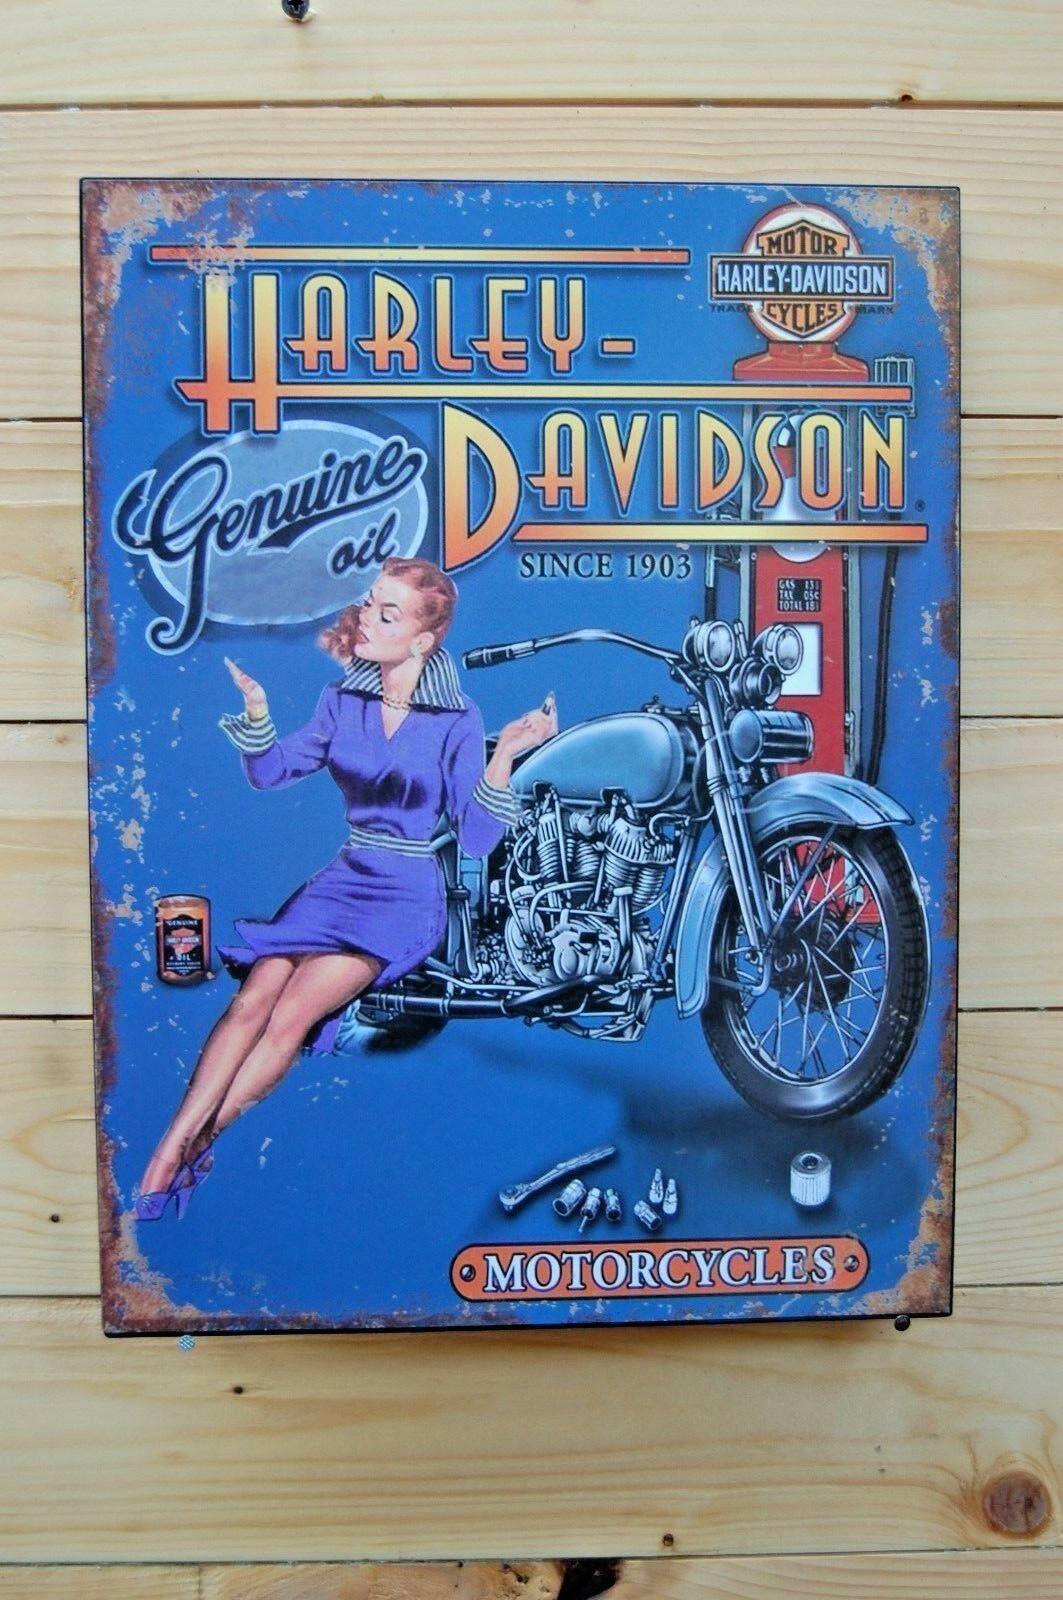 Blech Schild Retro Blechschild Harley-Davidson - Genuine oil in blau 25 x 33 cm